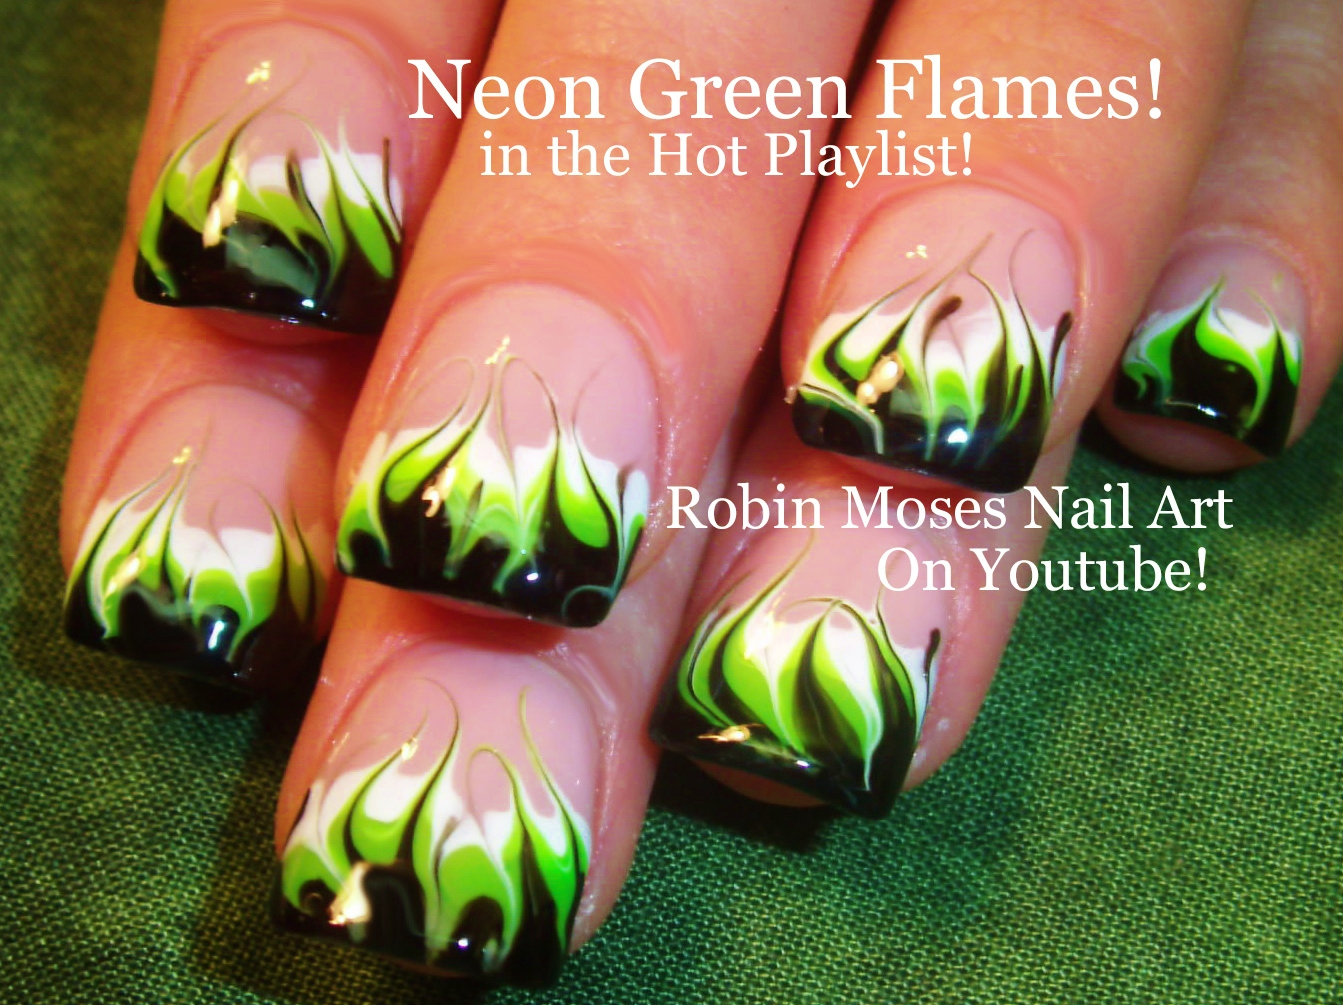 ... Nail Art Gallery lime green Nail Art Photos - bright green nail designs  ... - Bright Green Nail Designs